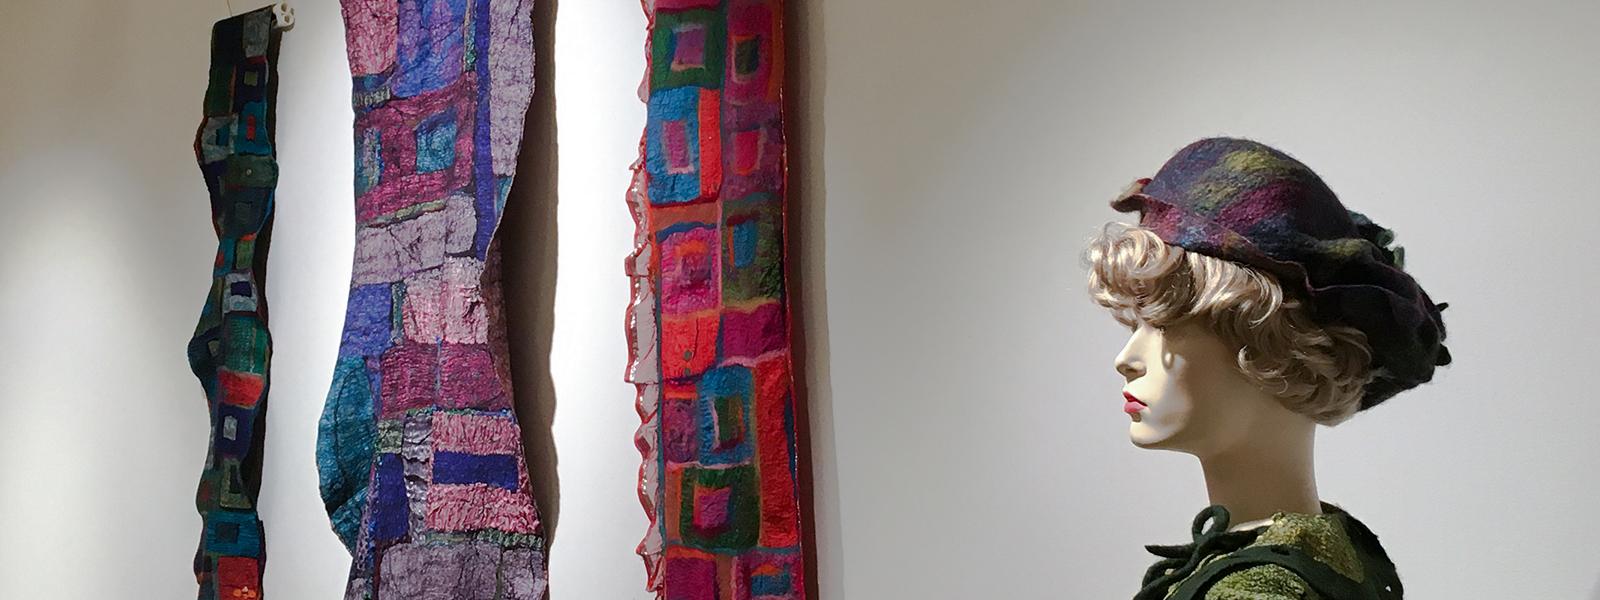 Braemar Gallery, Springwood